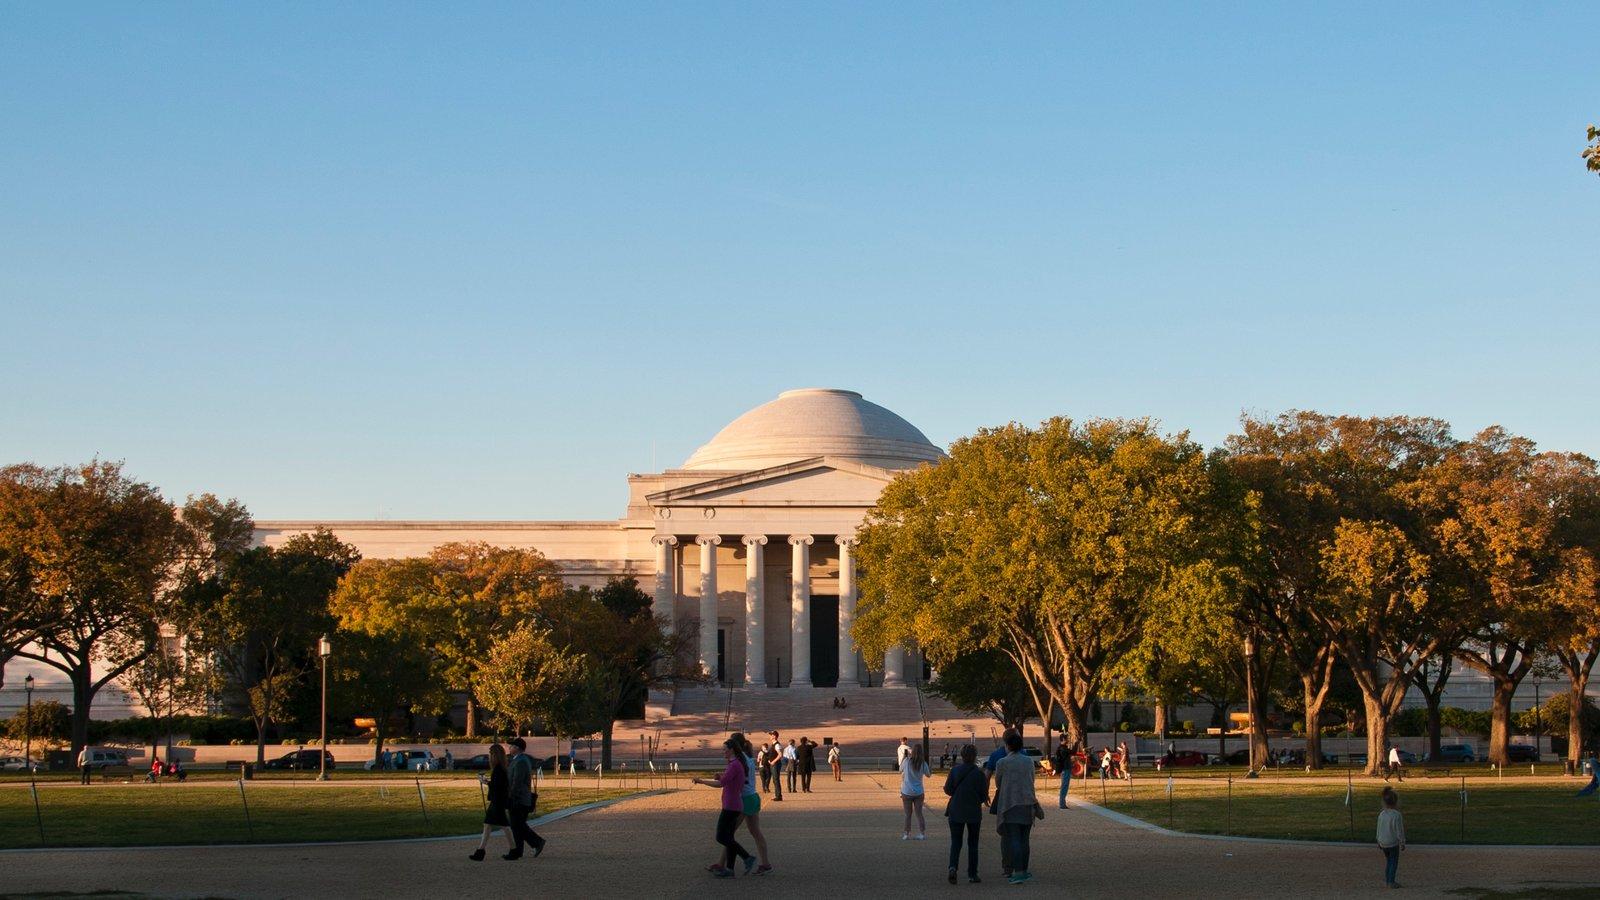 Galería Nacional de Arte ofreciendo una puesta de sol y patrimonio de arquitectura y también un pequeño grupo de personas